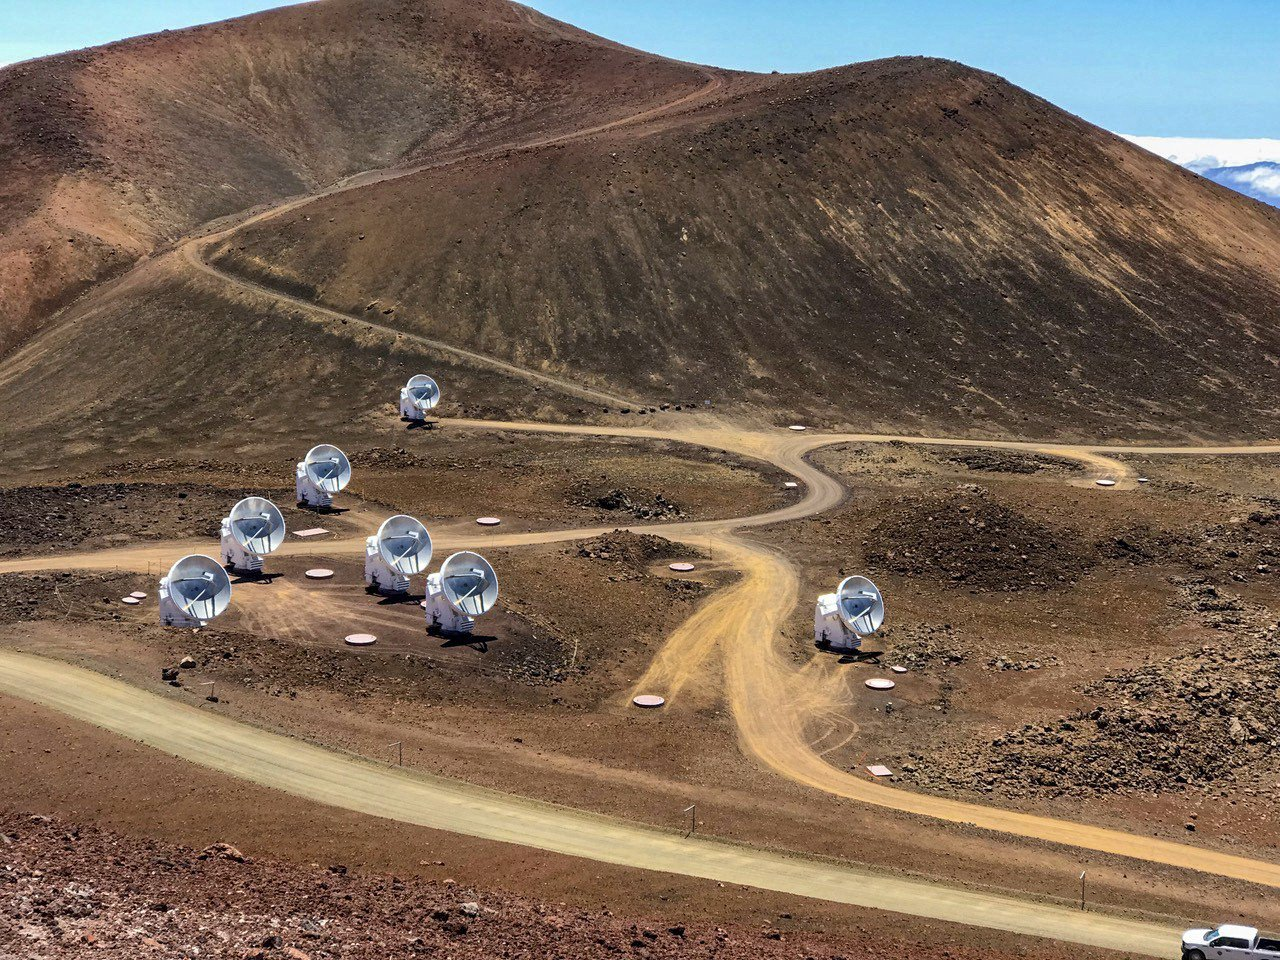 尋黑洞 全球八座天文台 組成地球大小的虛擬望遠鏡 美聯社